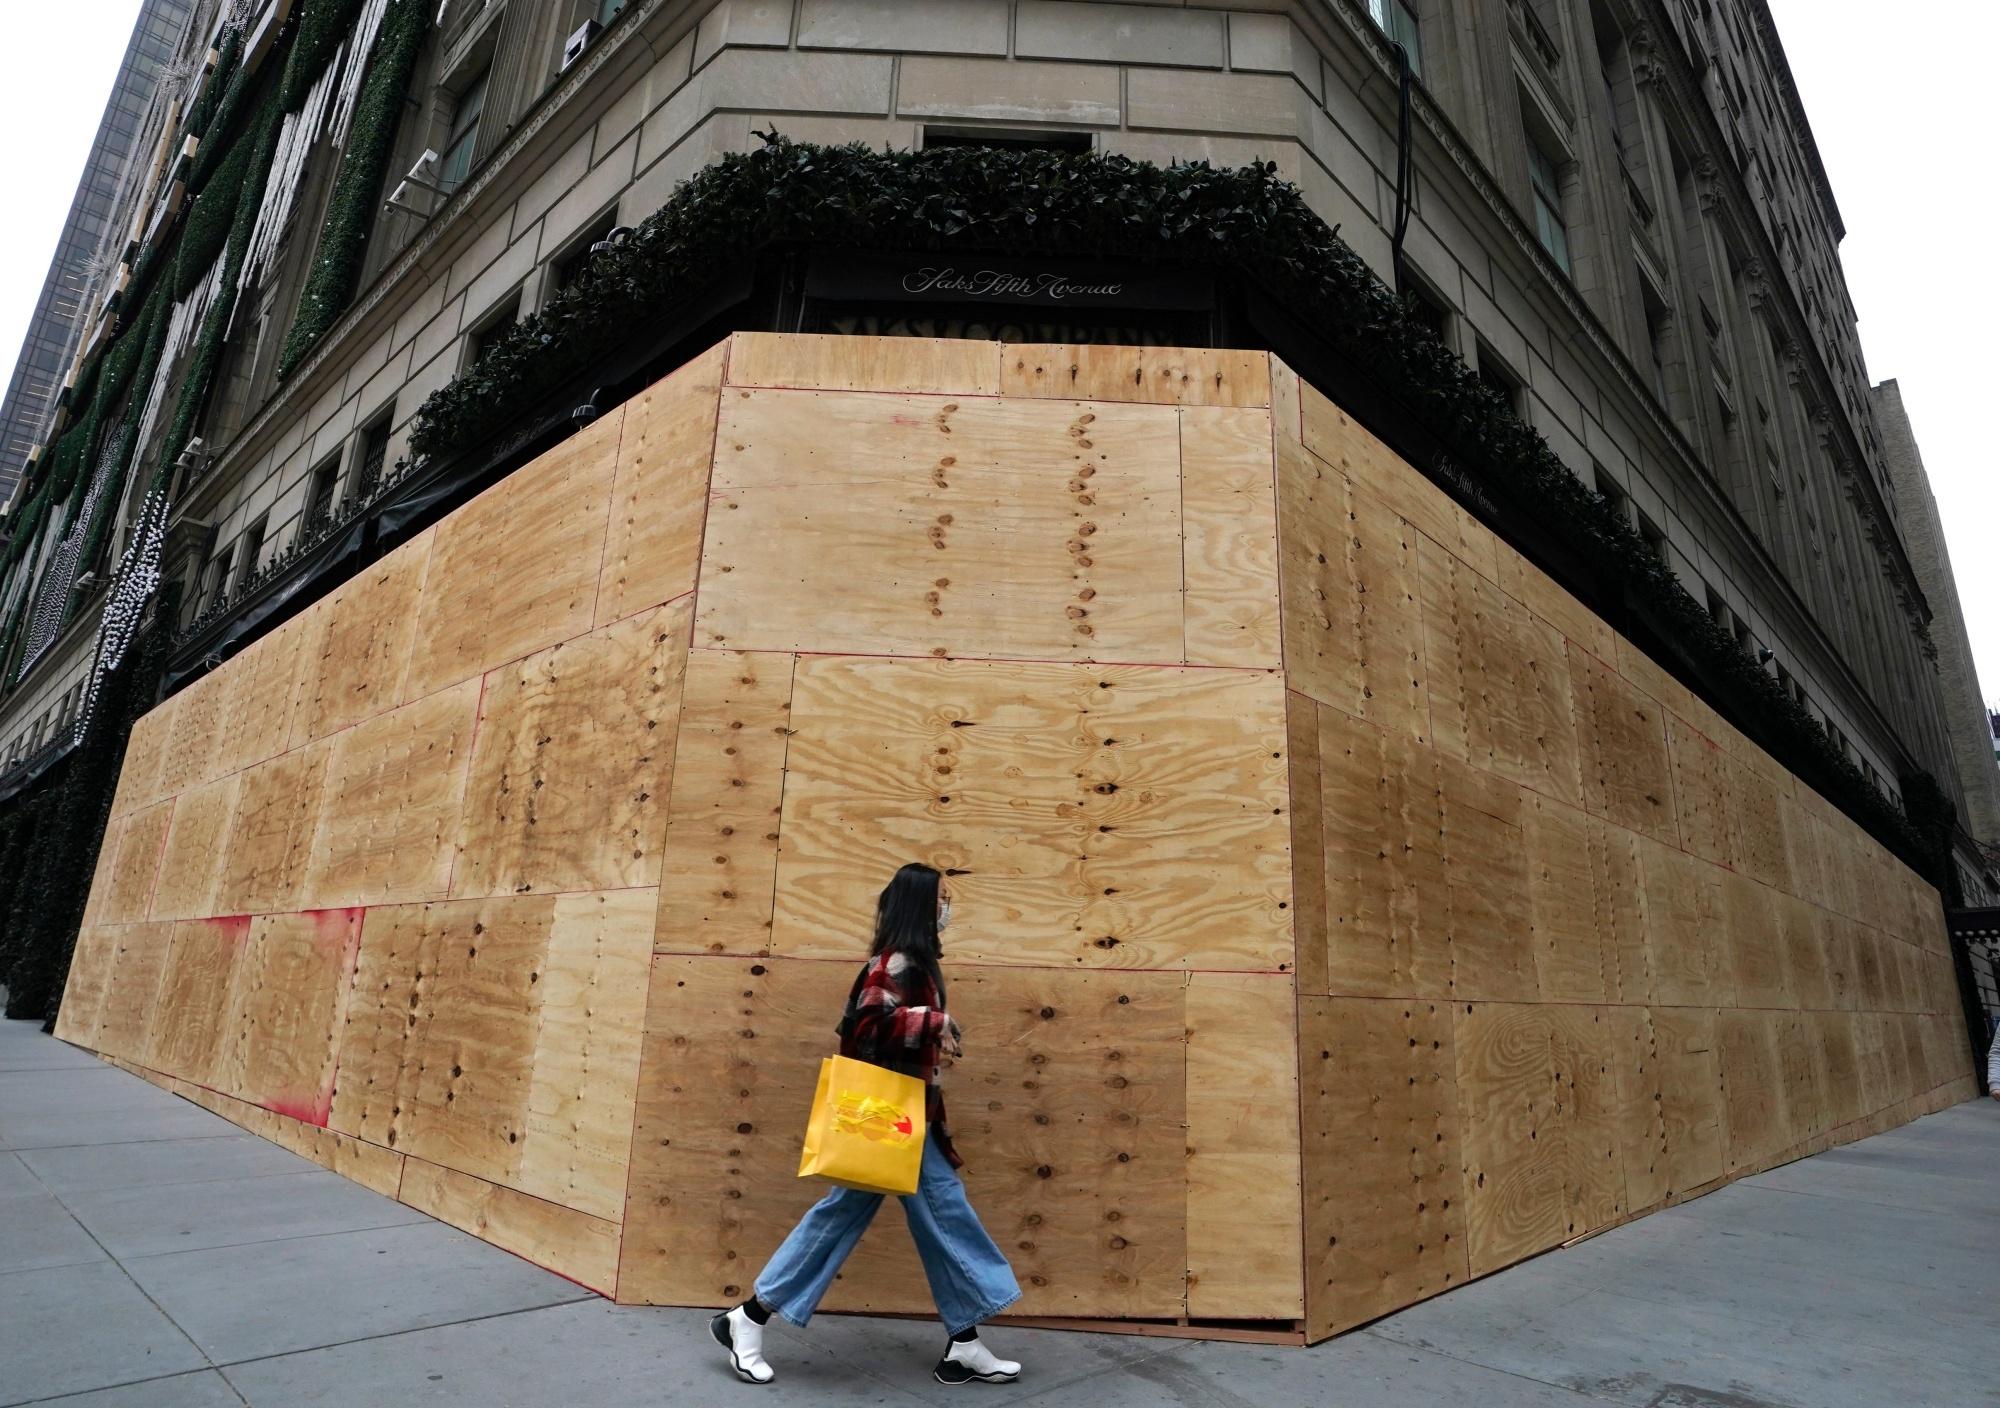 Luxewinkelketen Saks Fifth Avenue voerde extra veiligheidsmaatregelen in uit vrees voor onrust bij de verkiezingen. , Belga